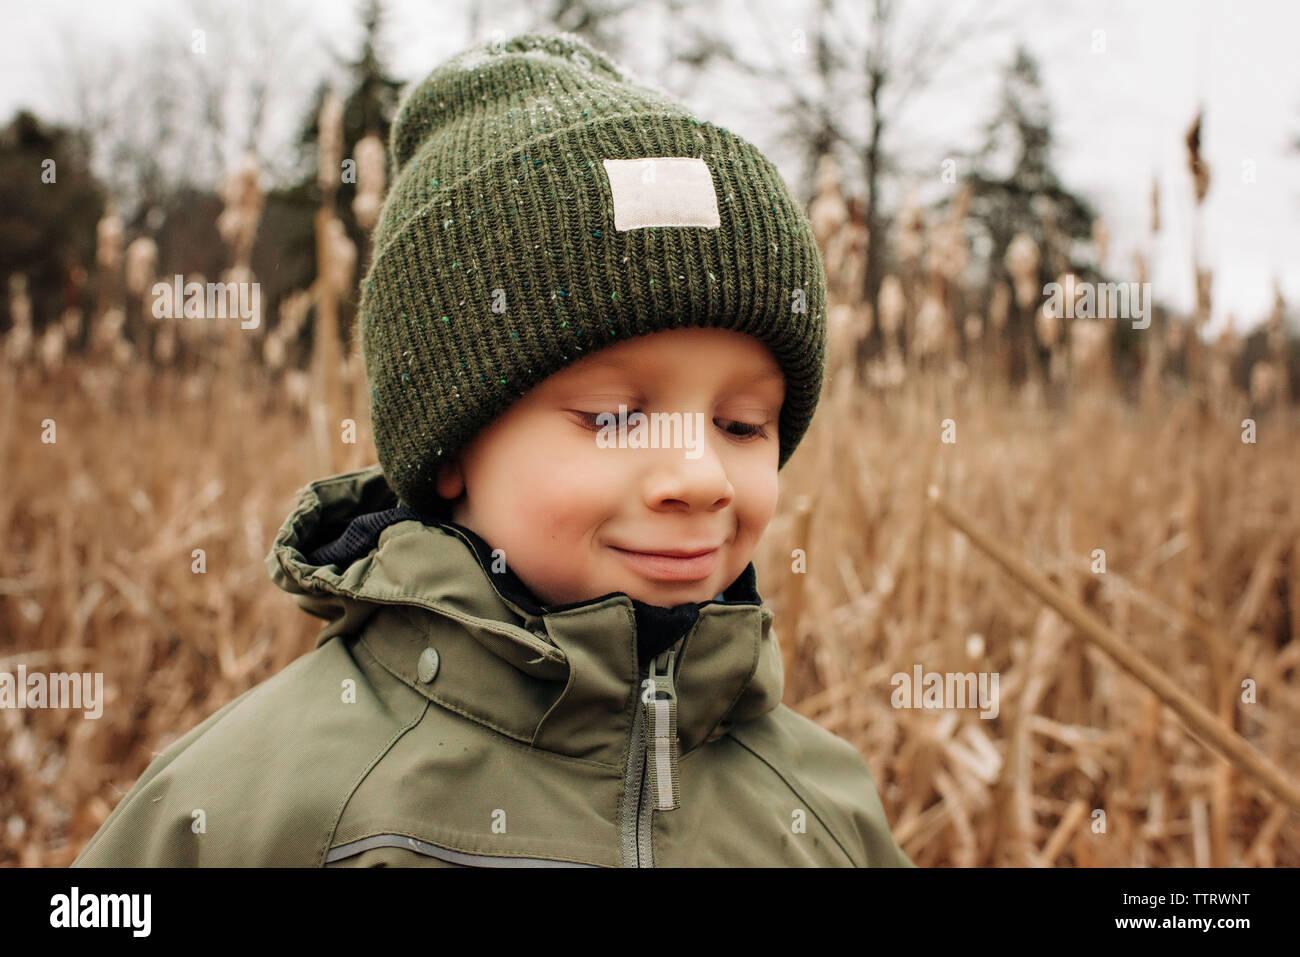 Ritratto di giovane ragazzo sorridente in inverno con hat e ricoprire nella neve Foto Stock